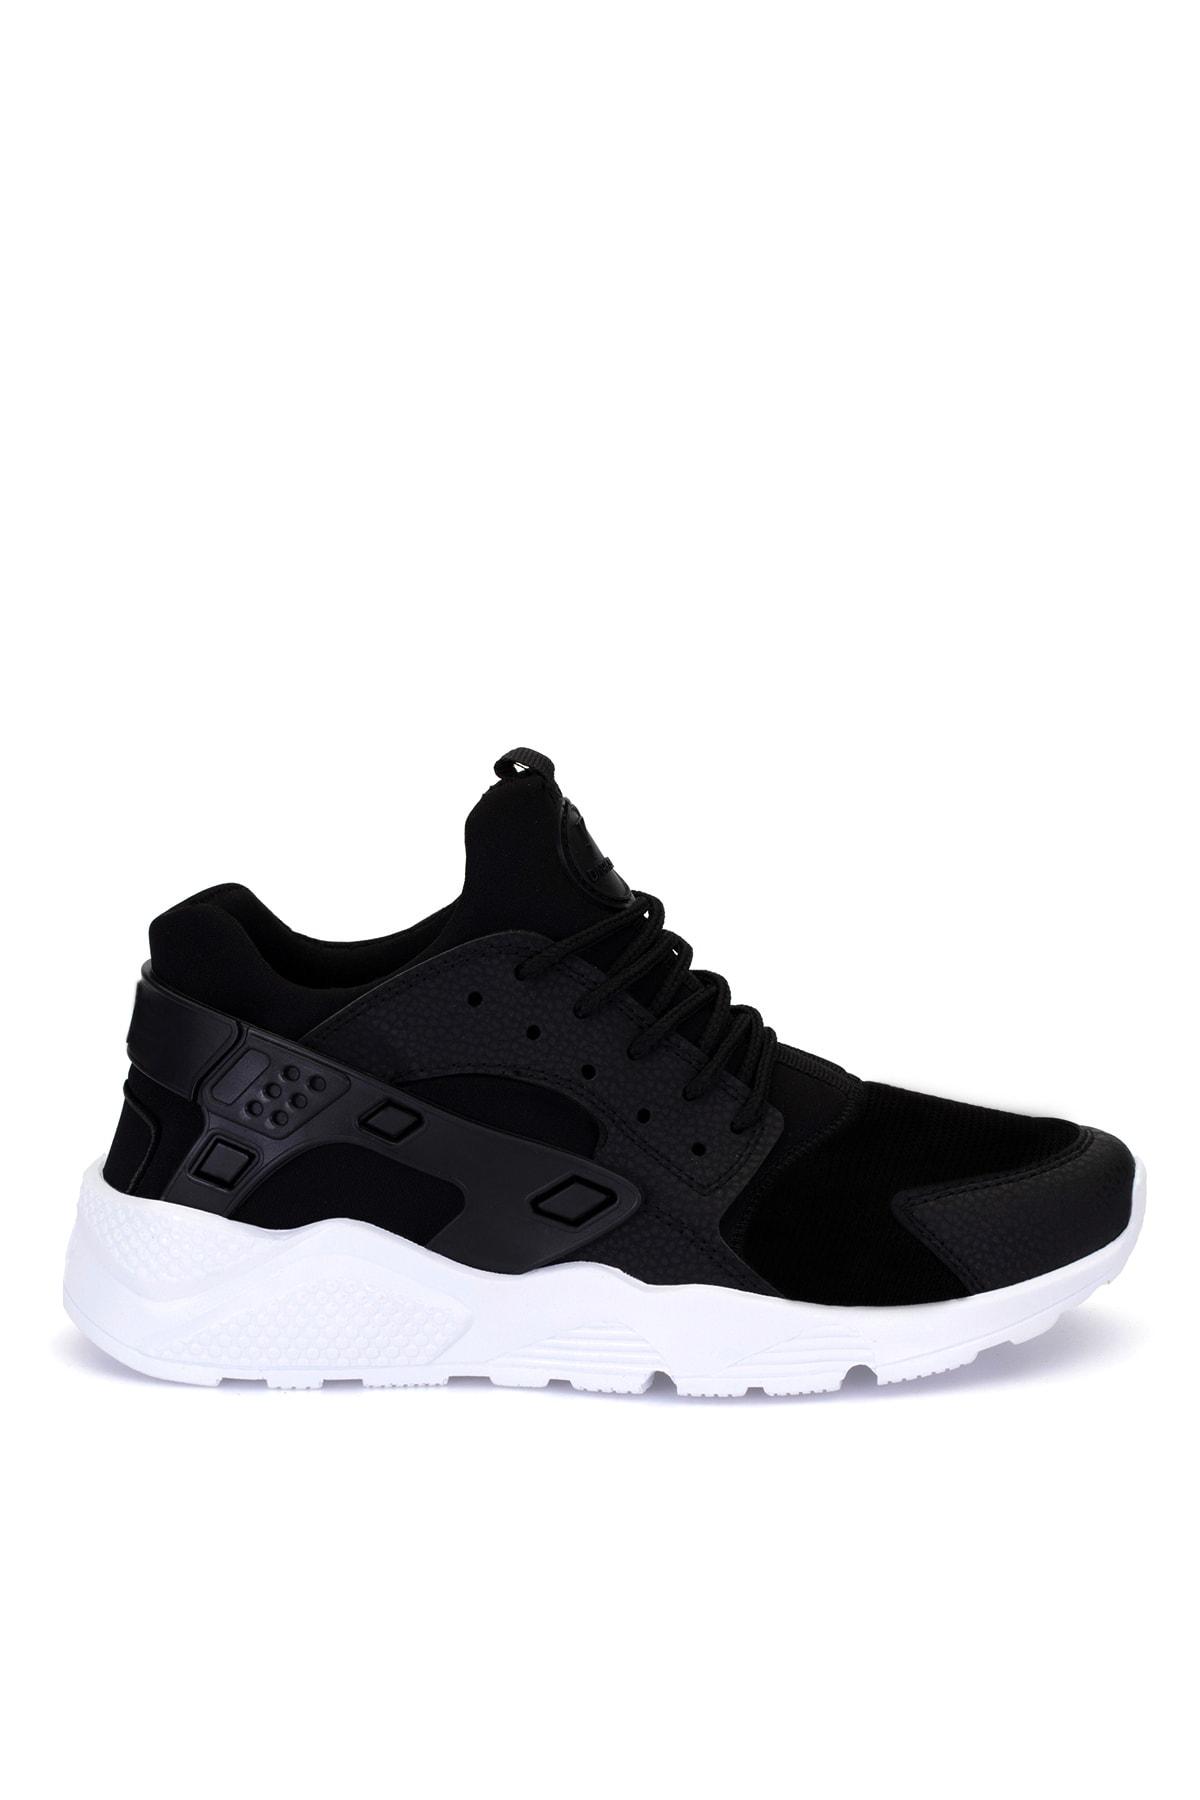 DARK SEER Unisex Siyah Bağcıklı Sneaker HR1.DS 2